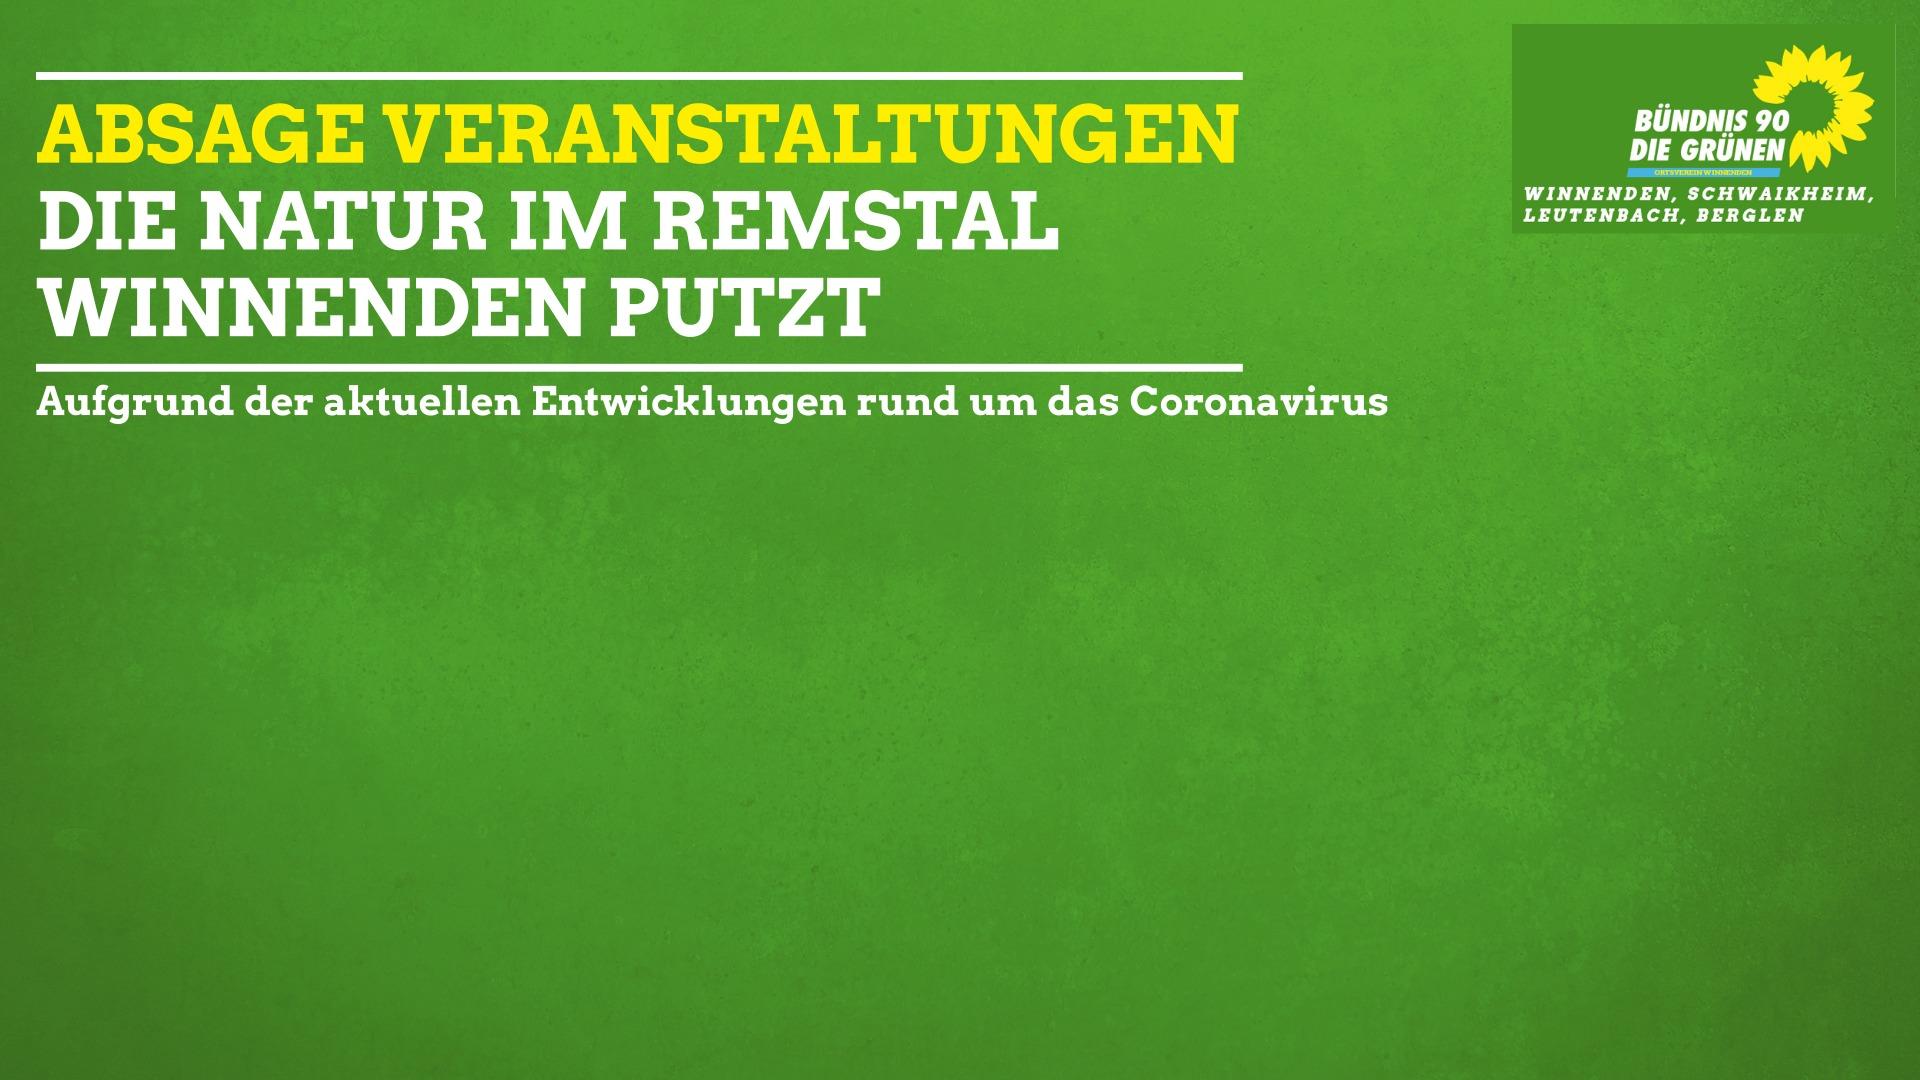 """Absage Veranstaltung """"Die Natur im Remstal"""" und """"Winnenden putzt"""""""